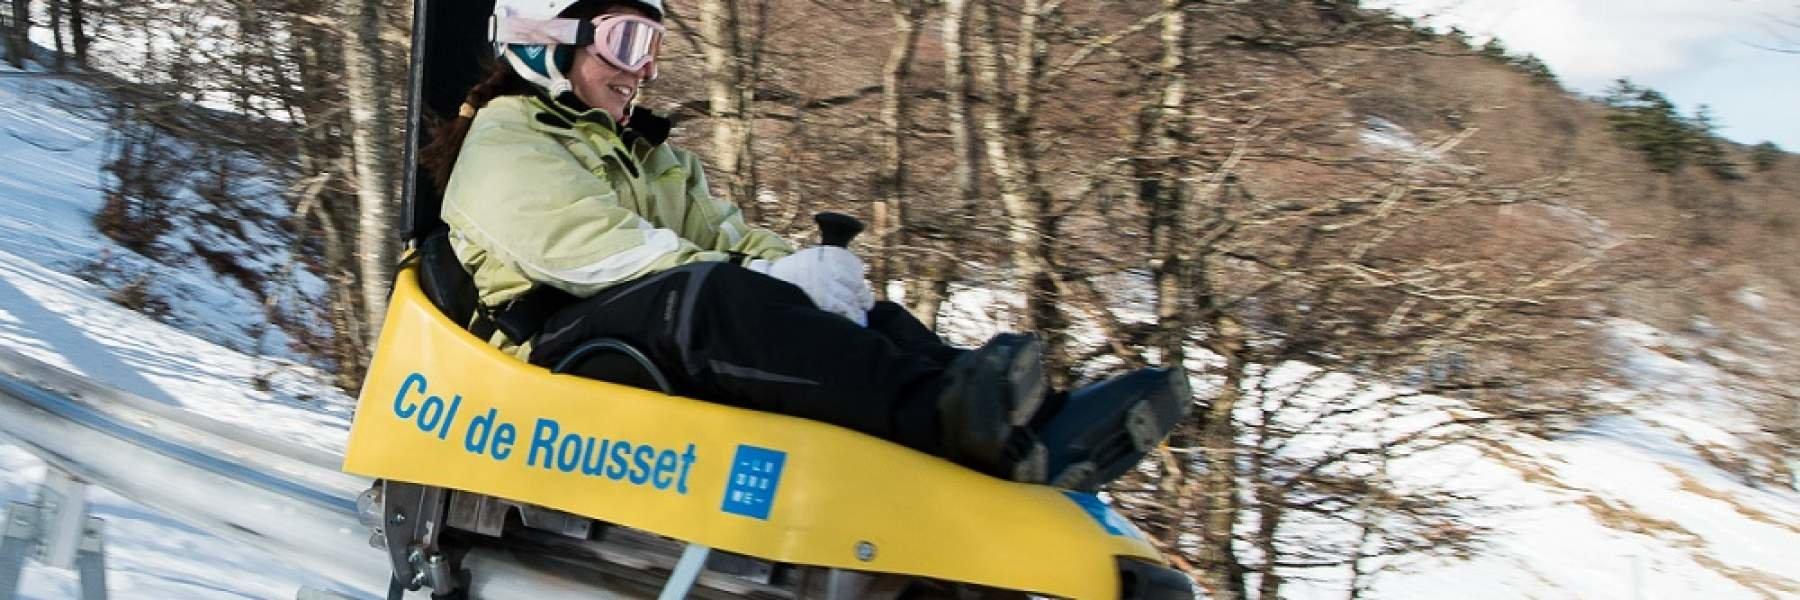 Sensations fortes garanties sur la piste de luge sur rail du Col de Rousset - © Conseil Départemental de la Drome